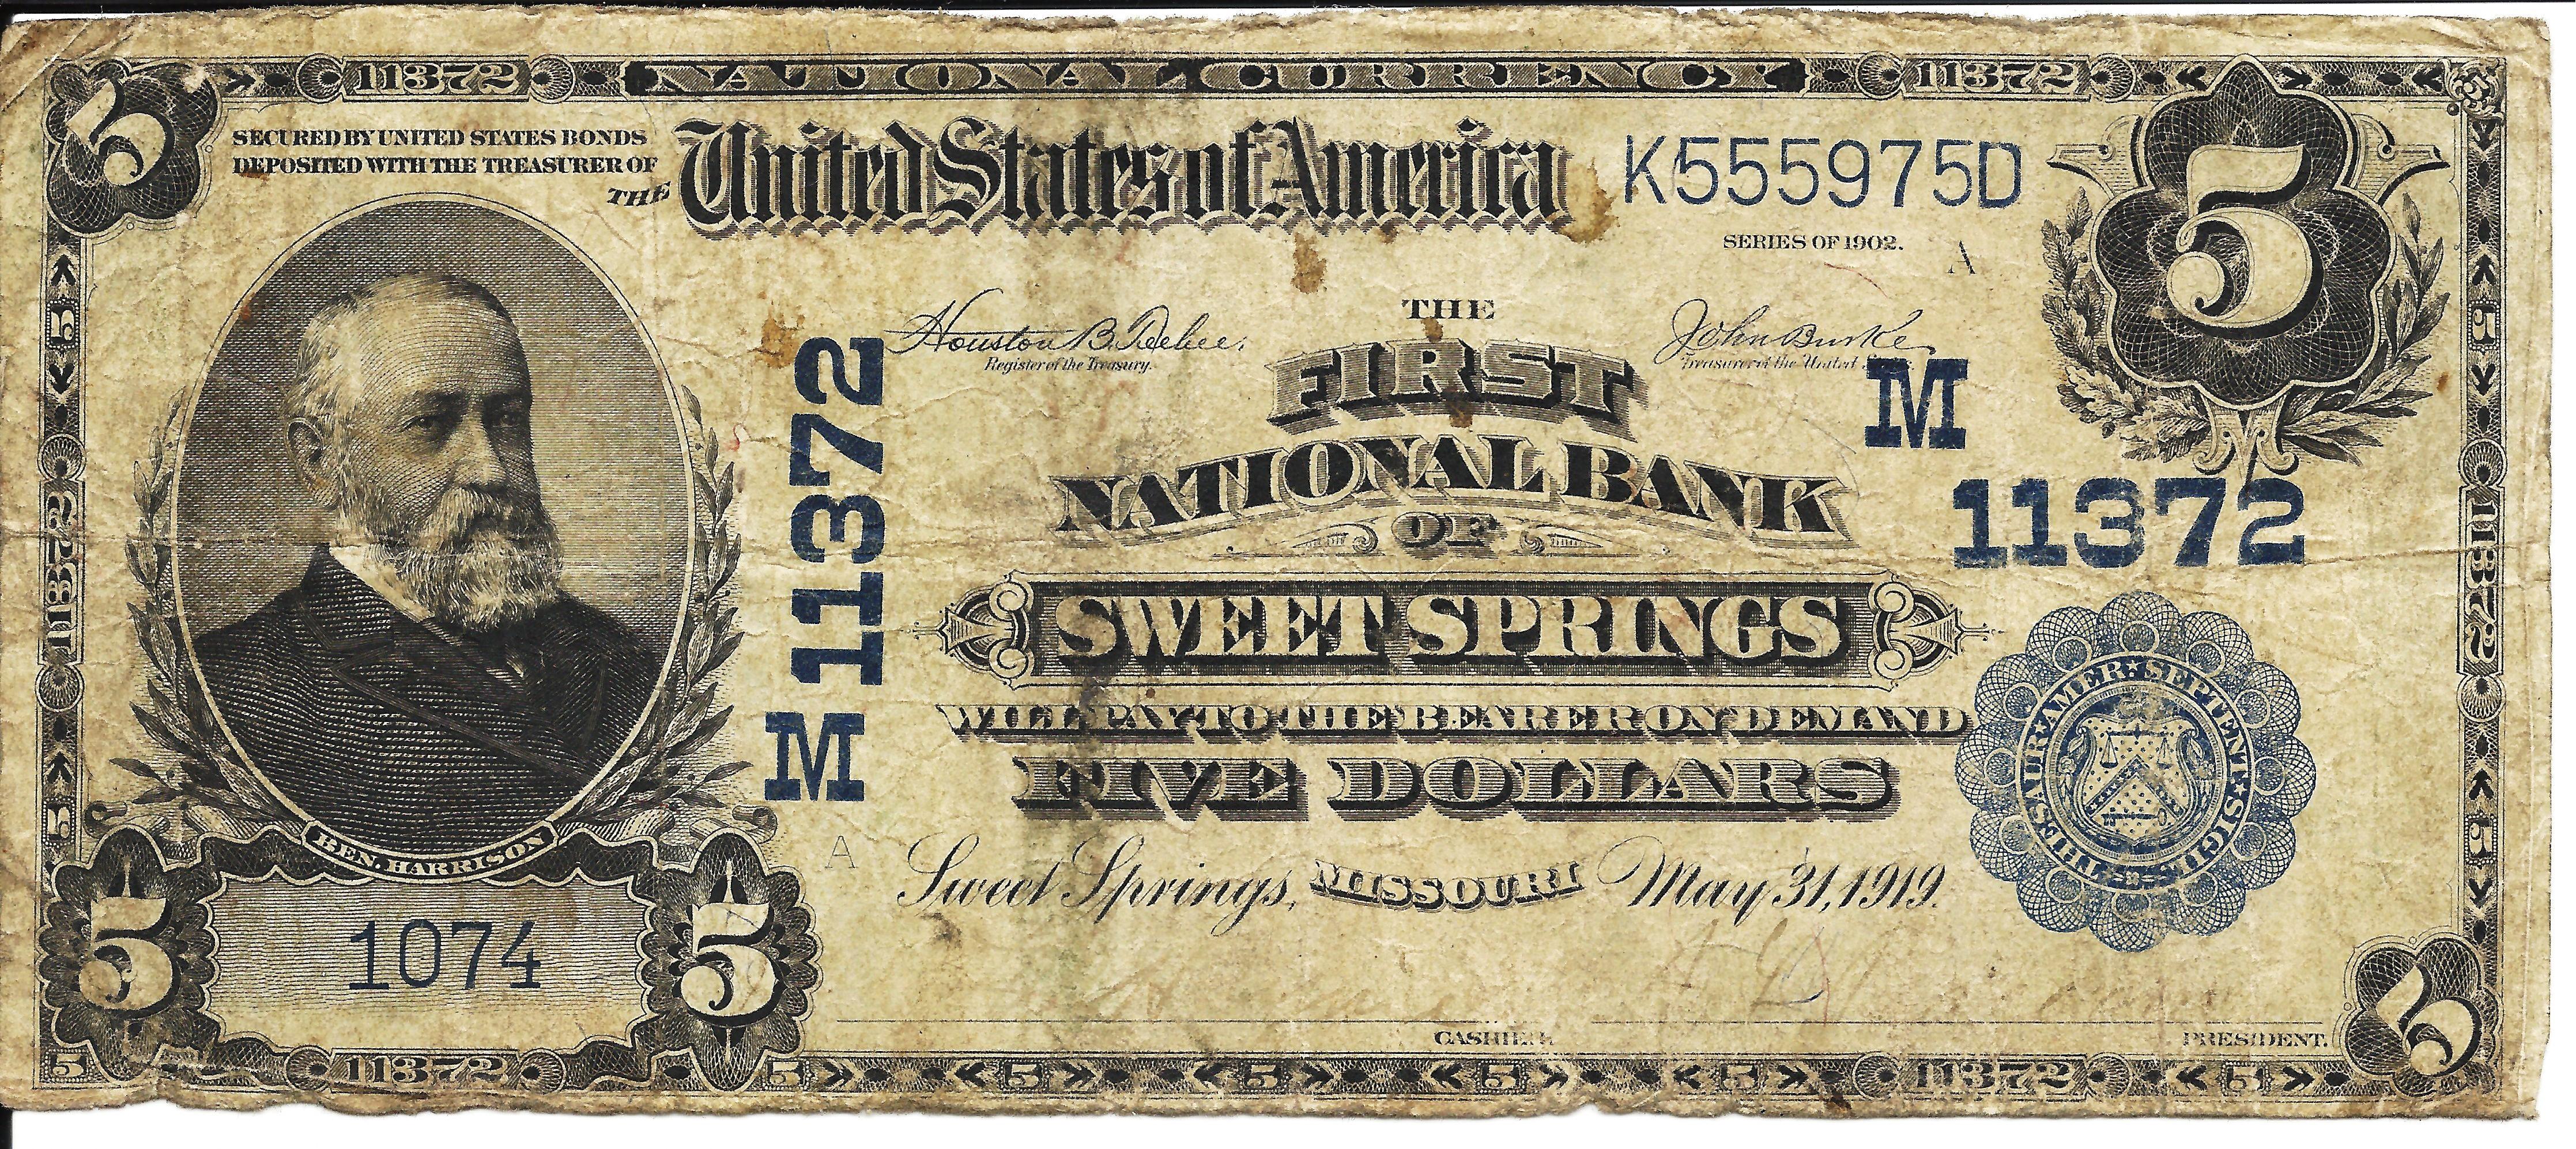 FNB of Sweet Springs.jpg